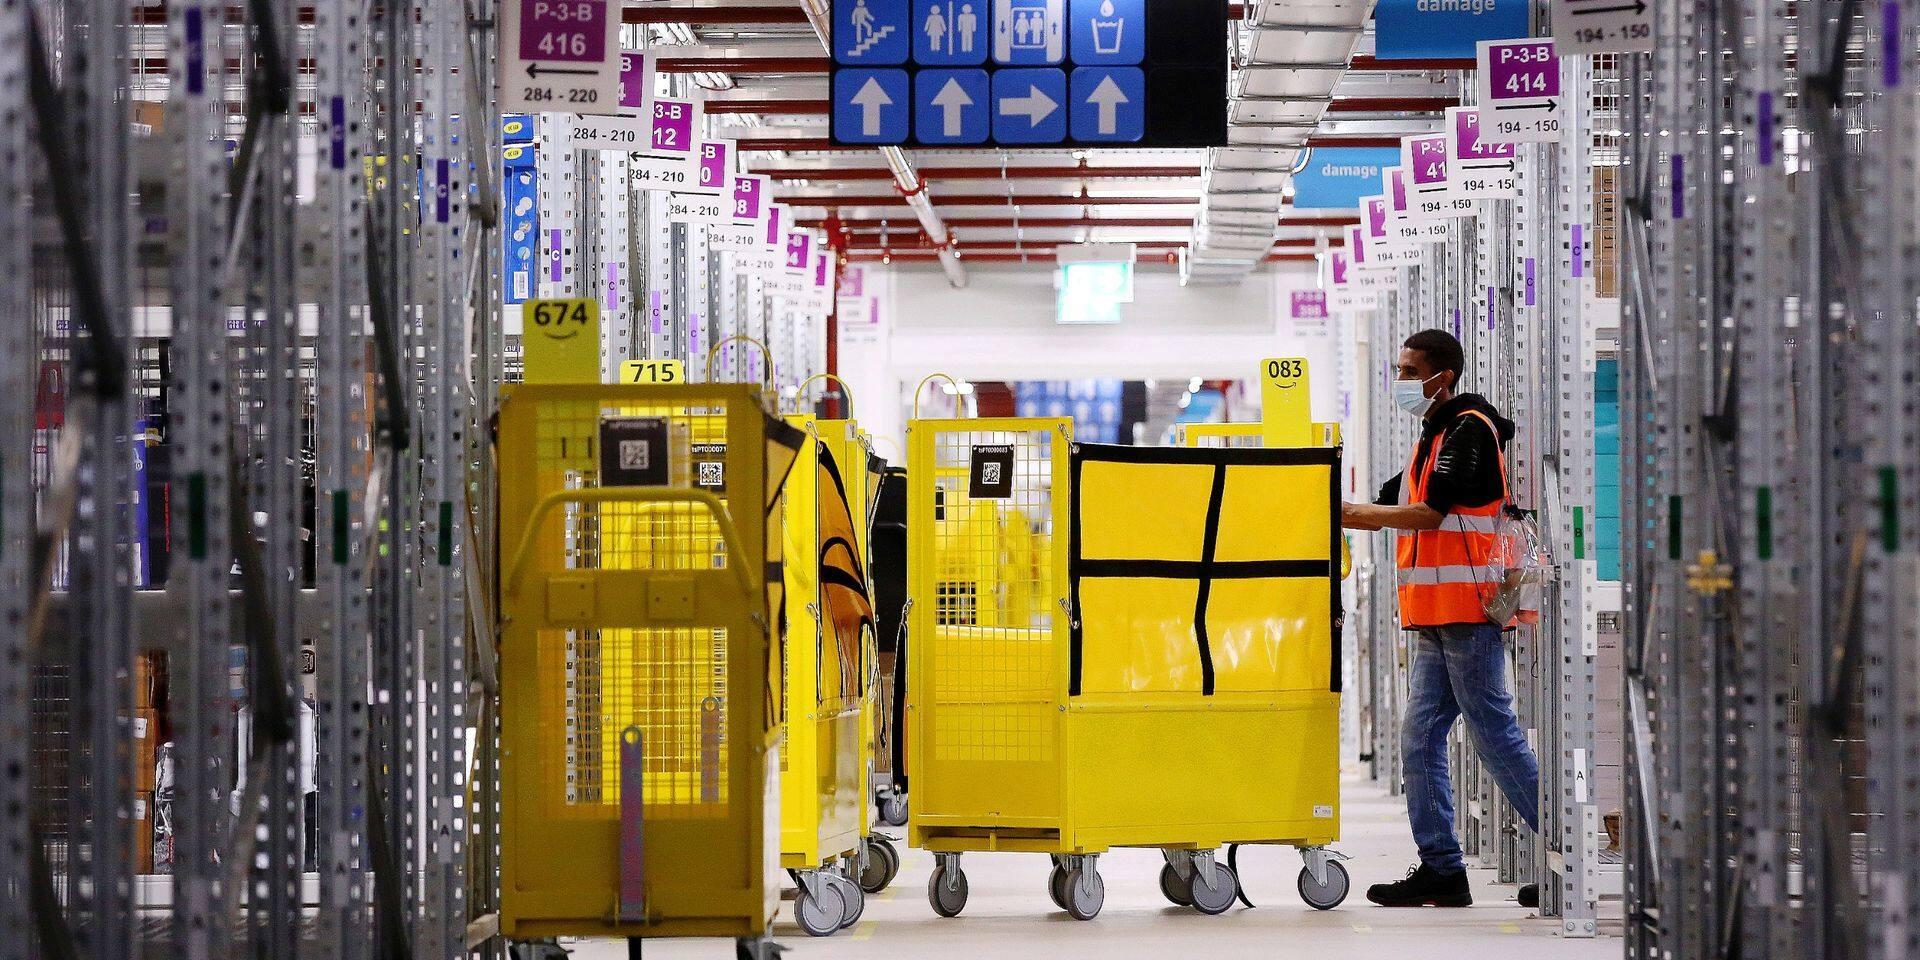 Début septembre 2020, un employé d'Amazon s'occupant du stockage et déstockage dans le nouveau centre logistique de Saxe-Anhalt, en Allemagne.